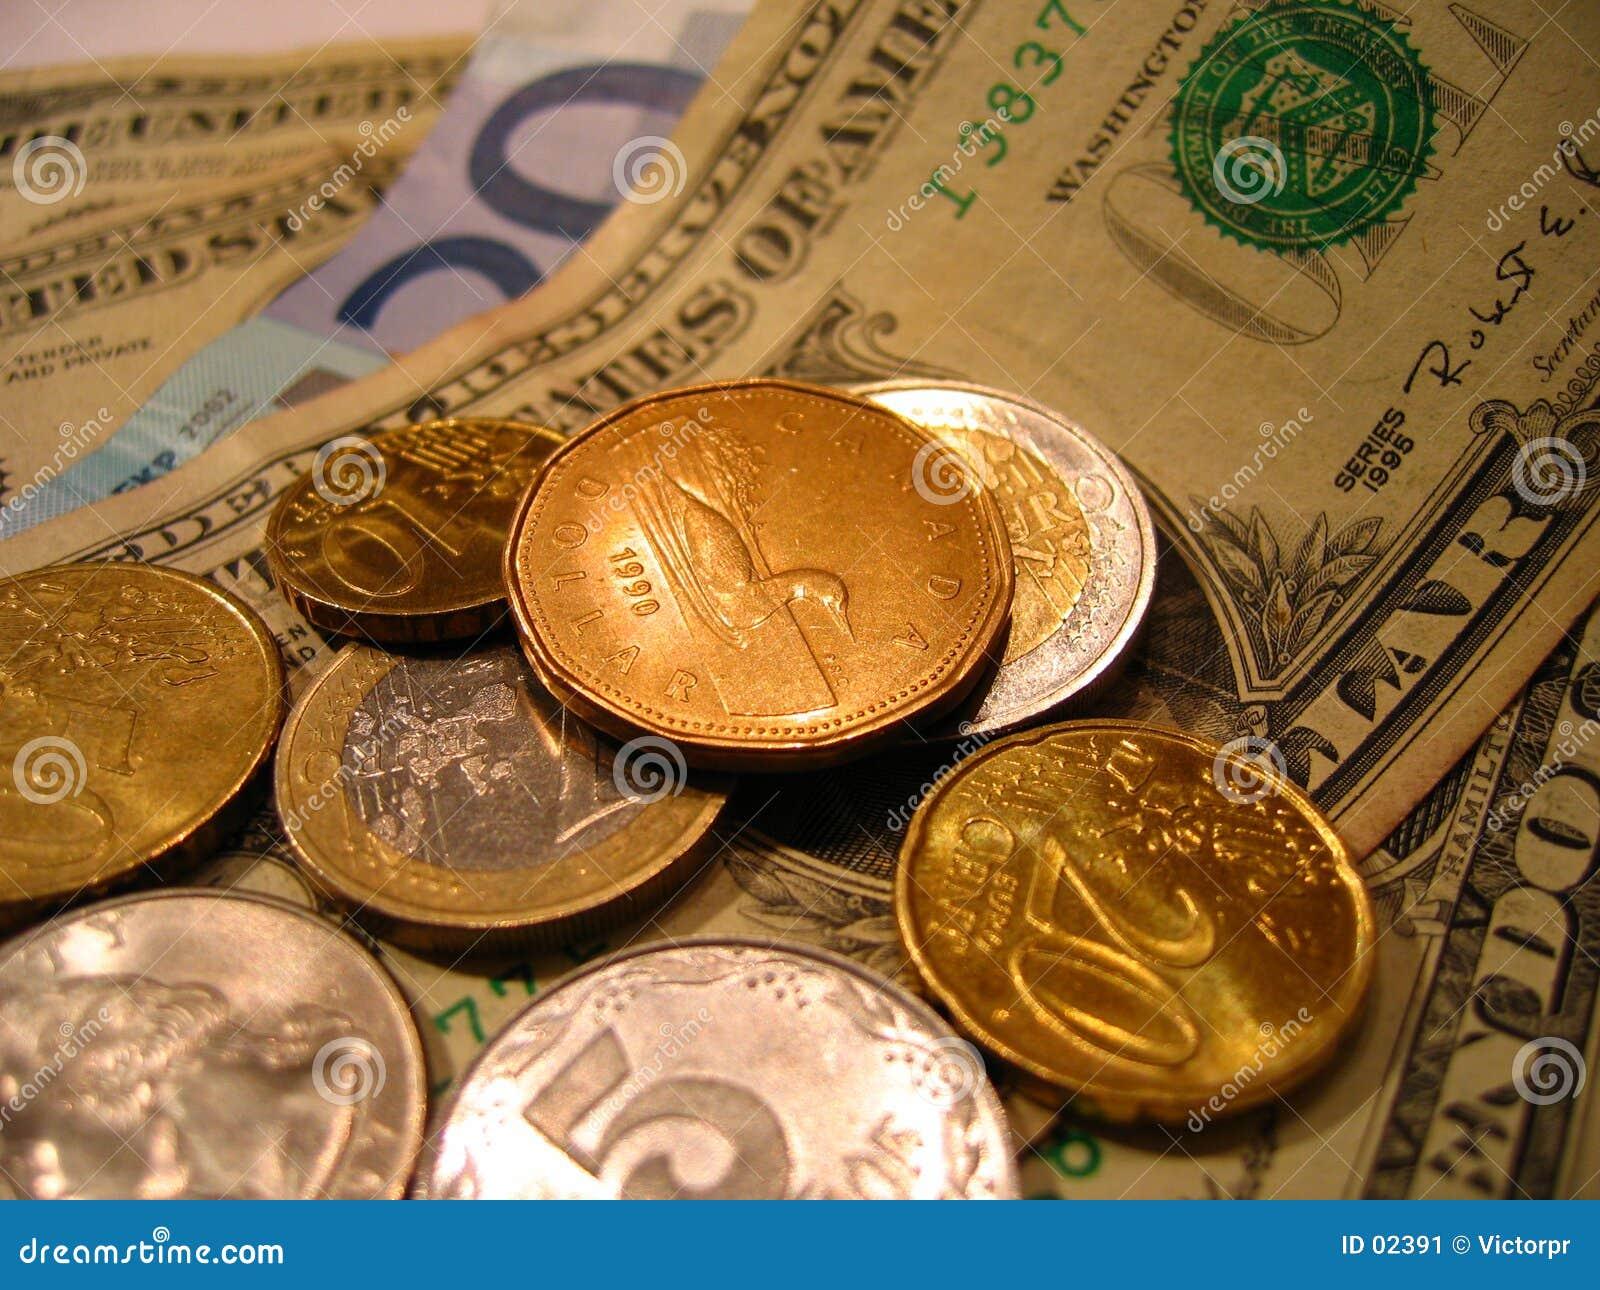 Die Welt des Geldes